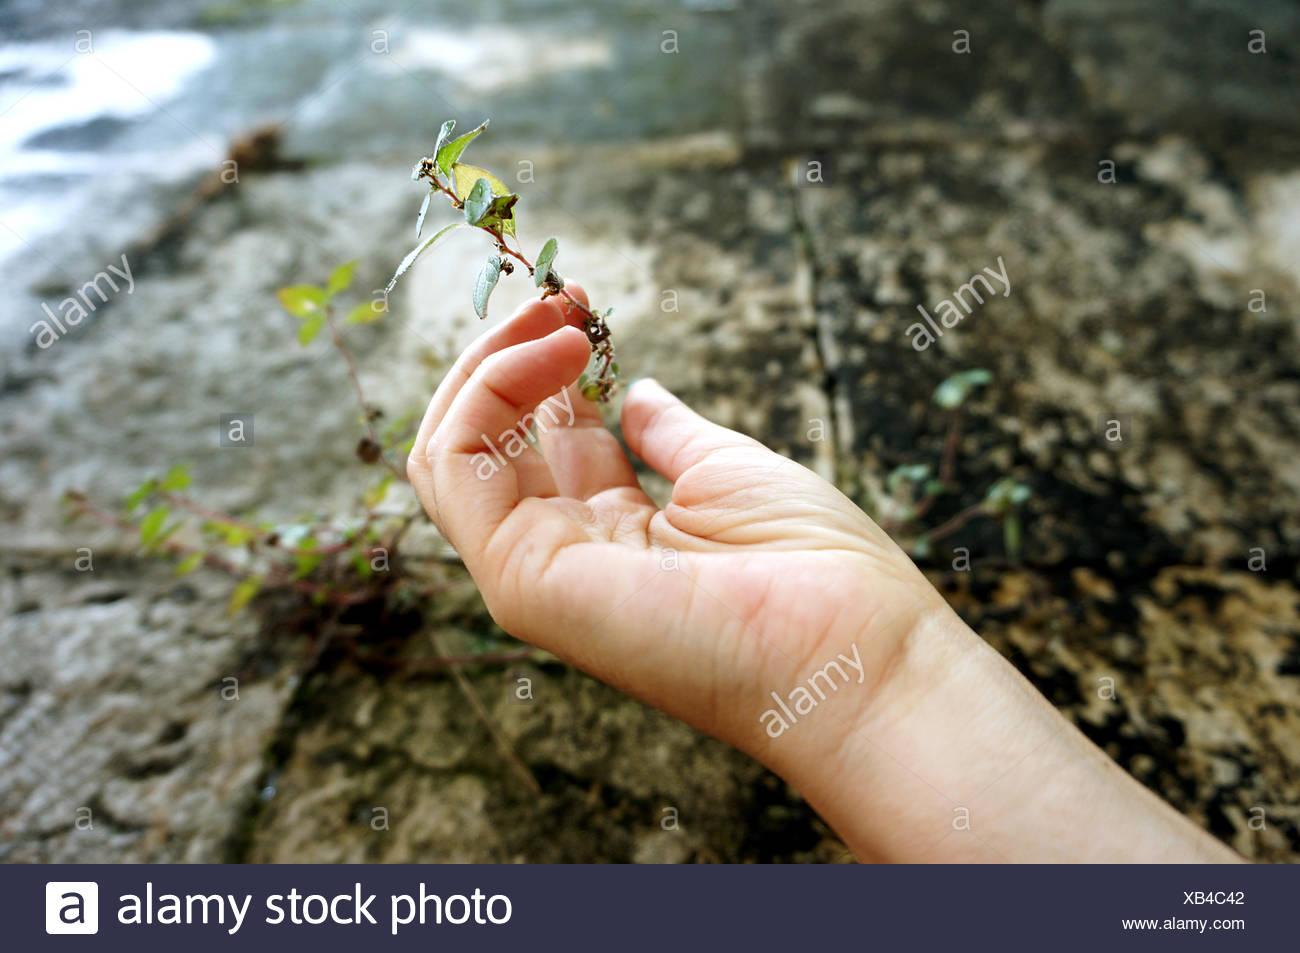 Bild der Person, die Pflanze beschnitten Stockbild